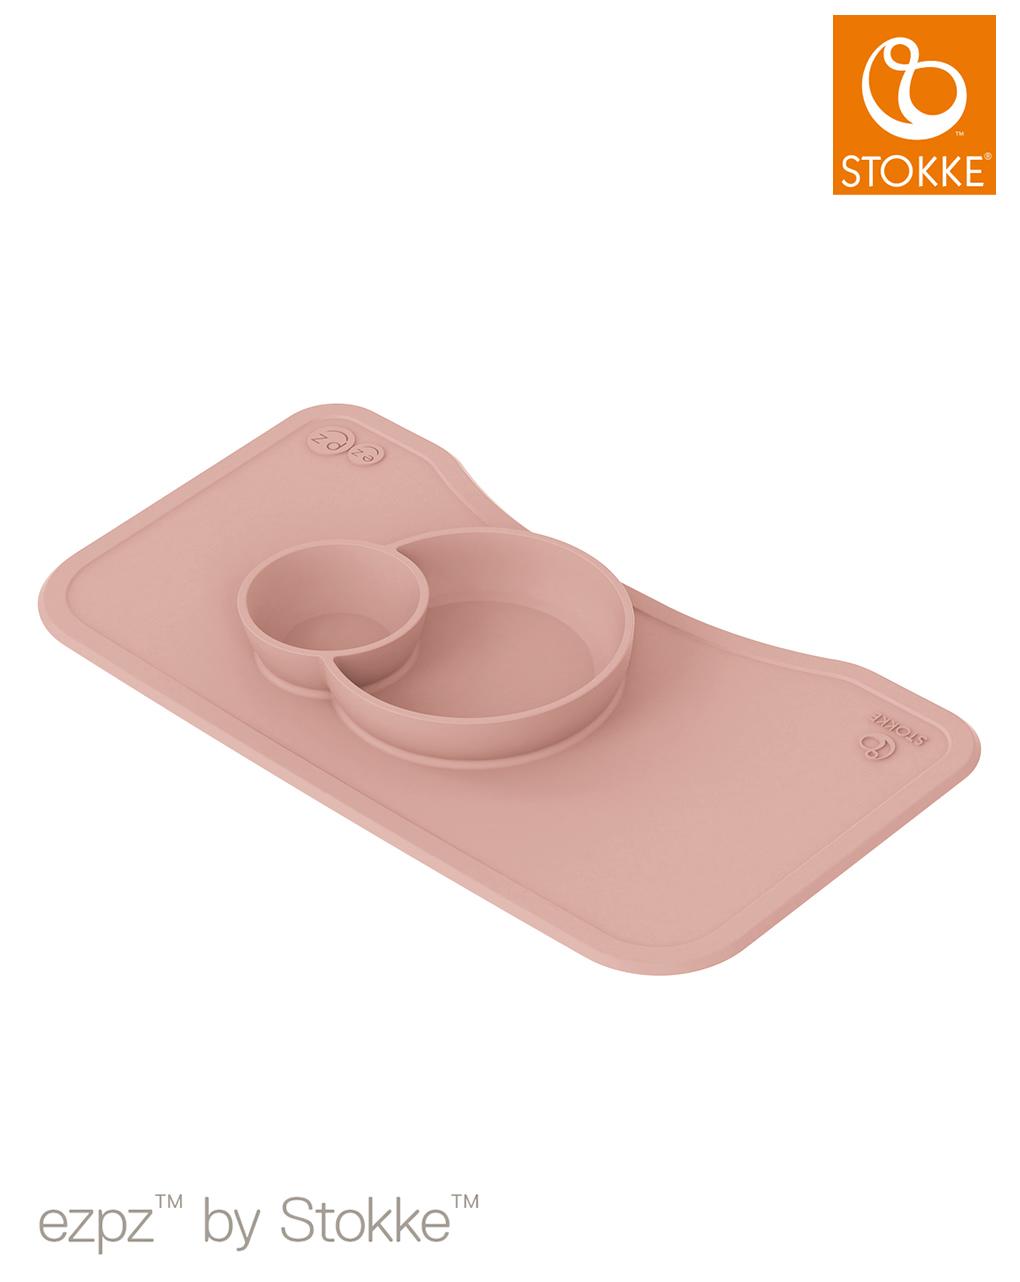 Ezpz™ by stokke™ per steps™ - pink - Stokke